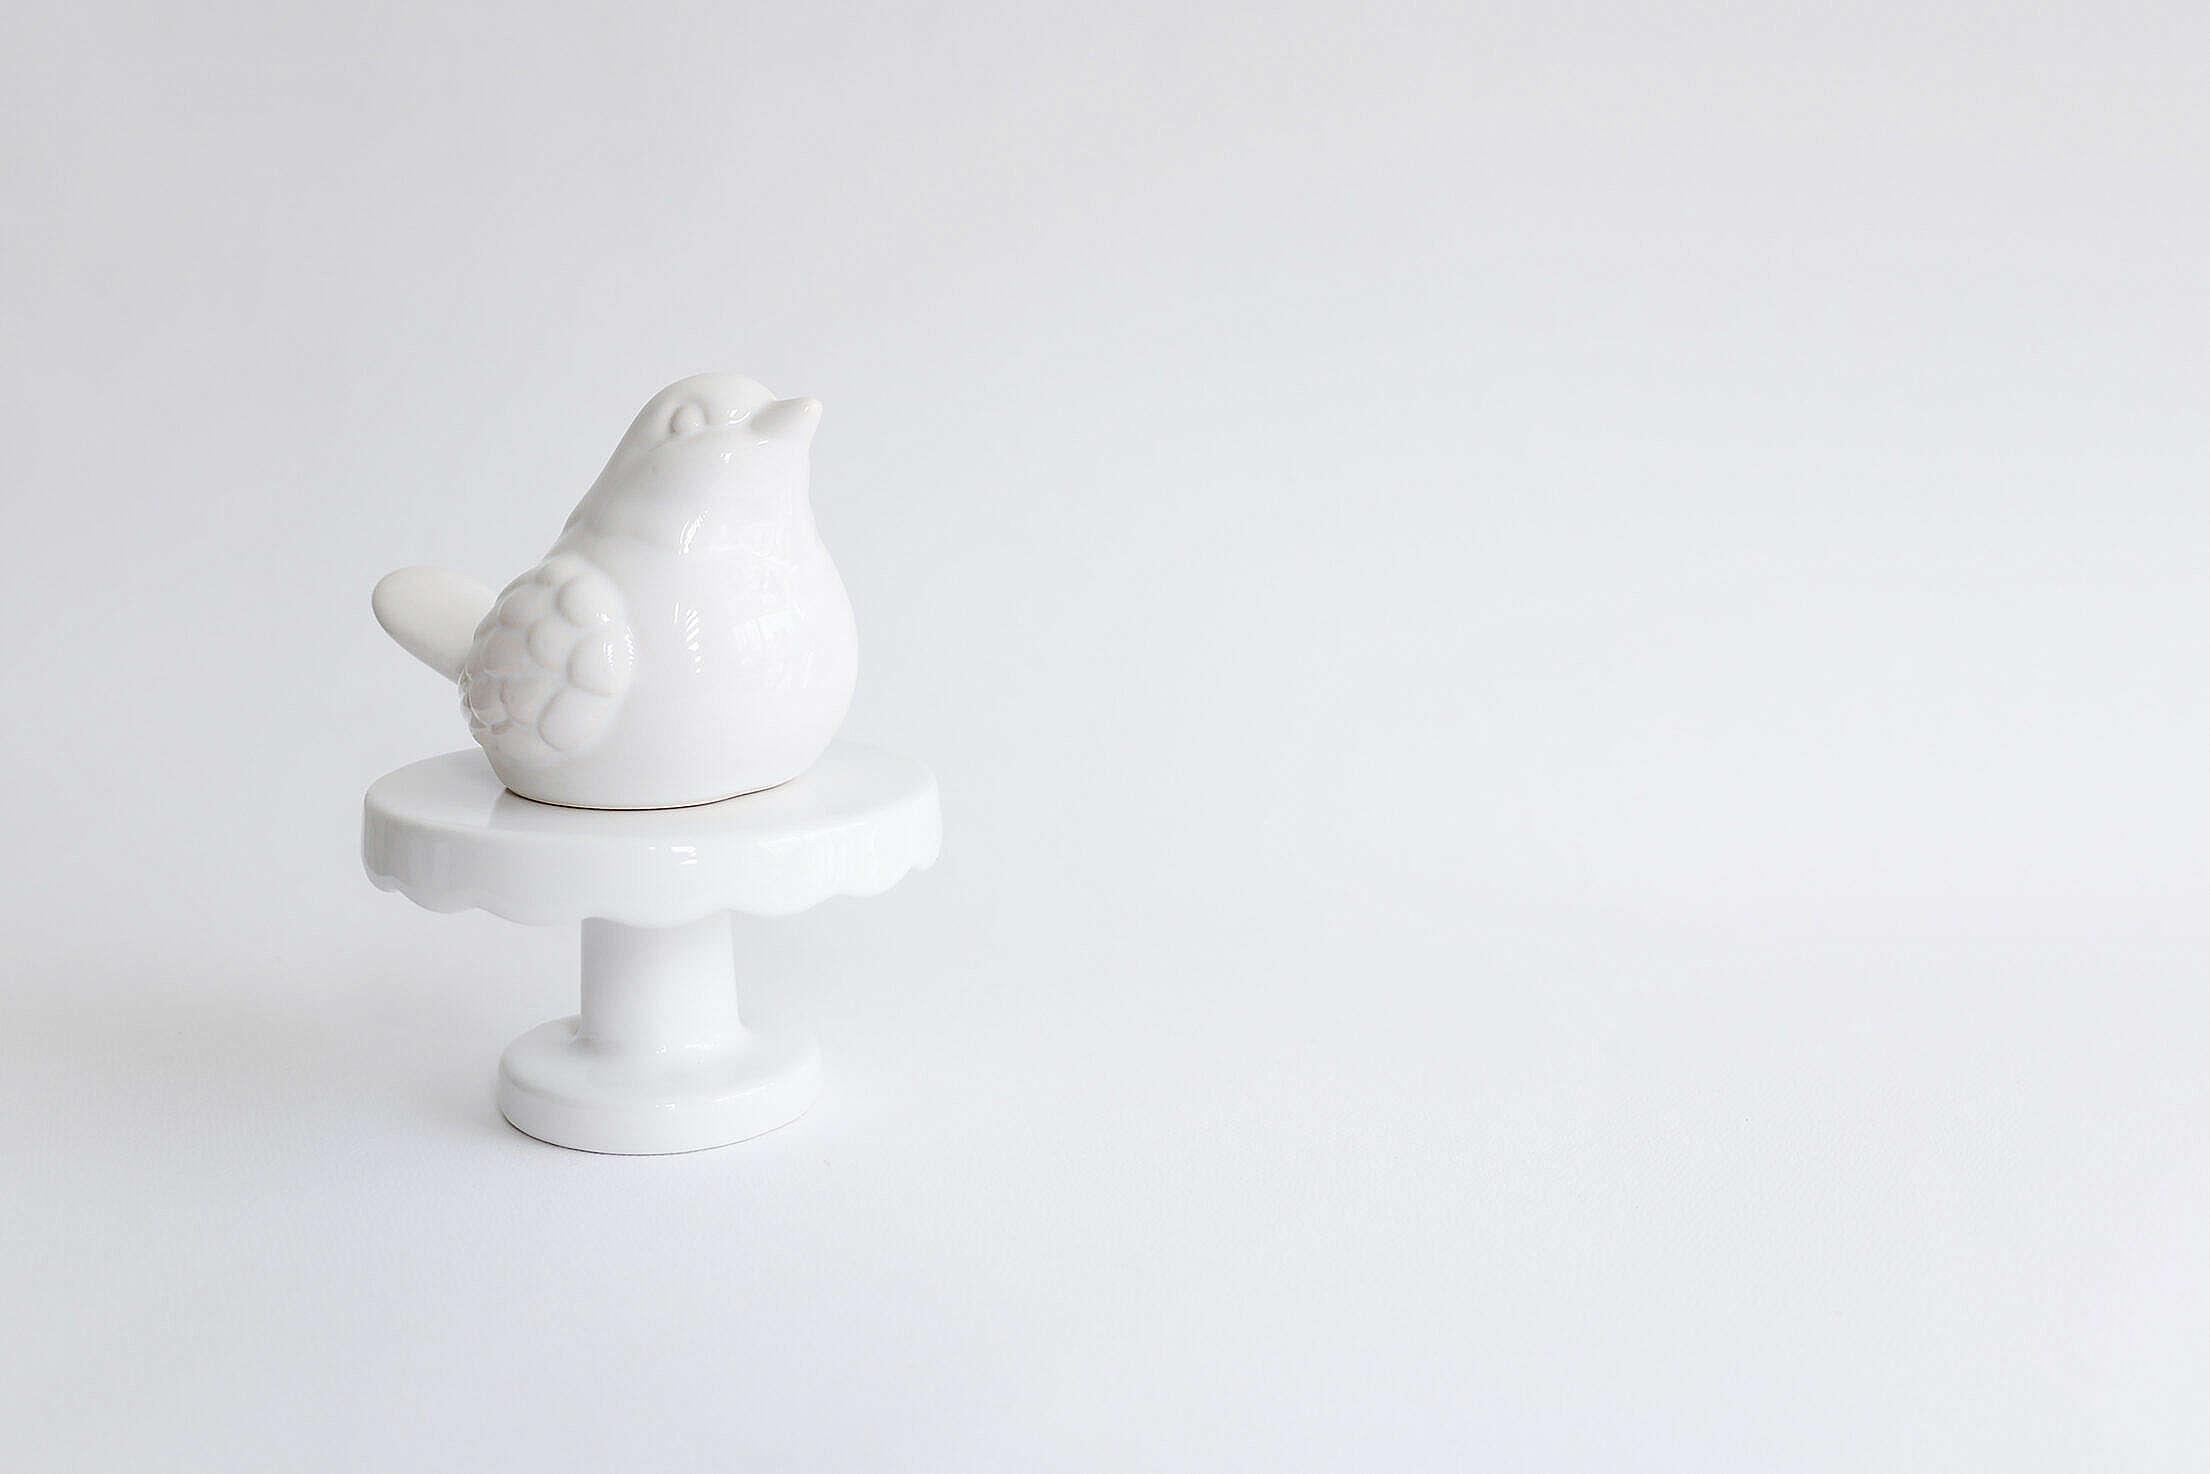 White Bird Decoration Free Stock Photo